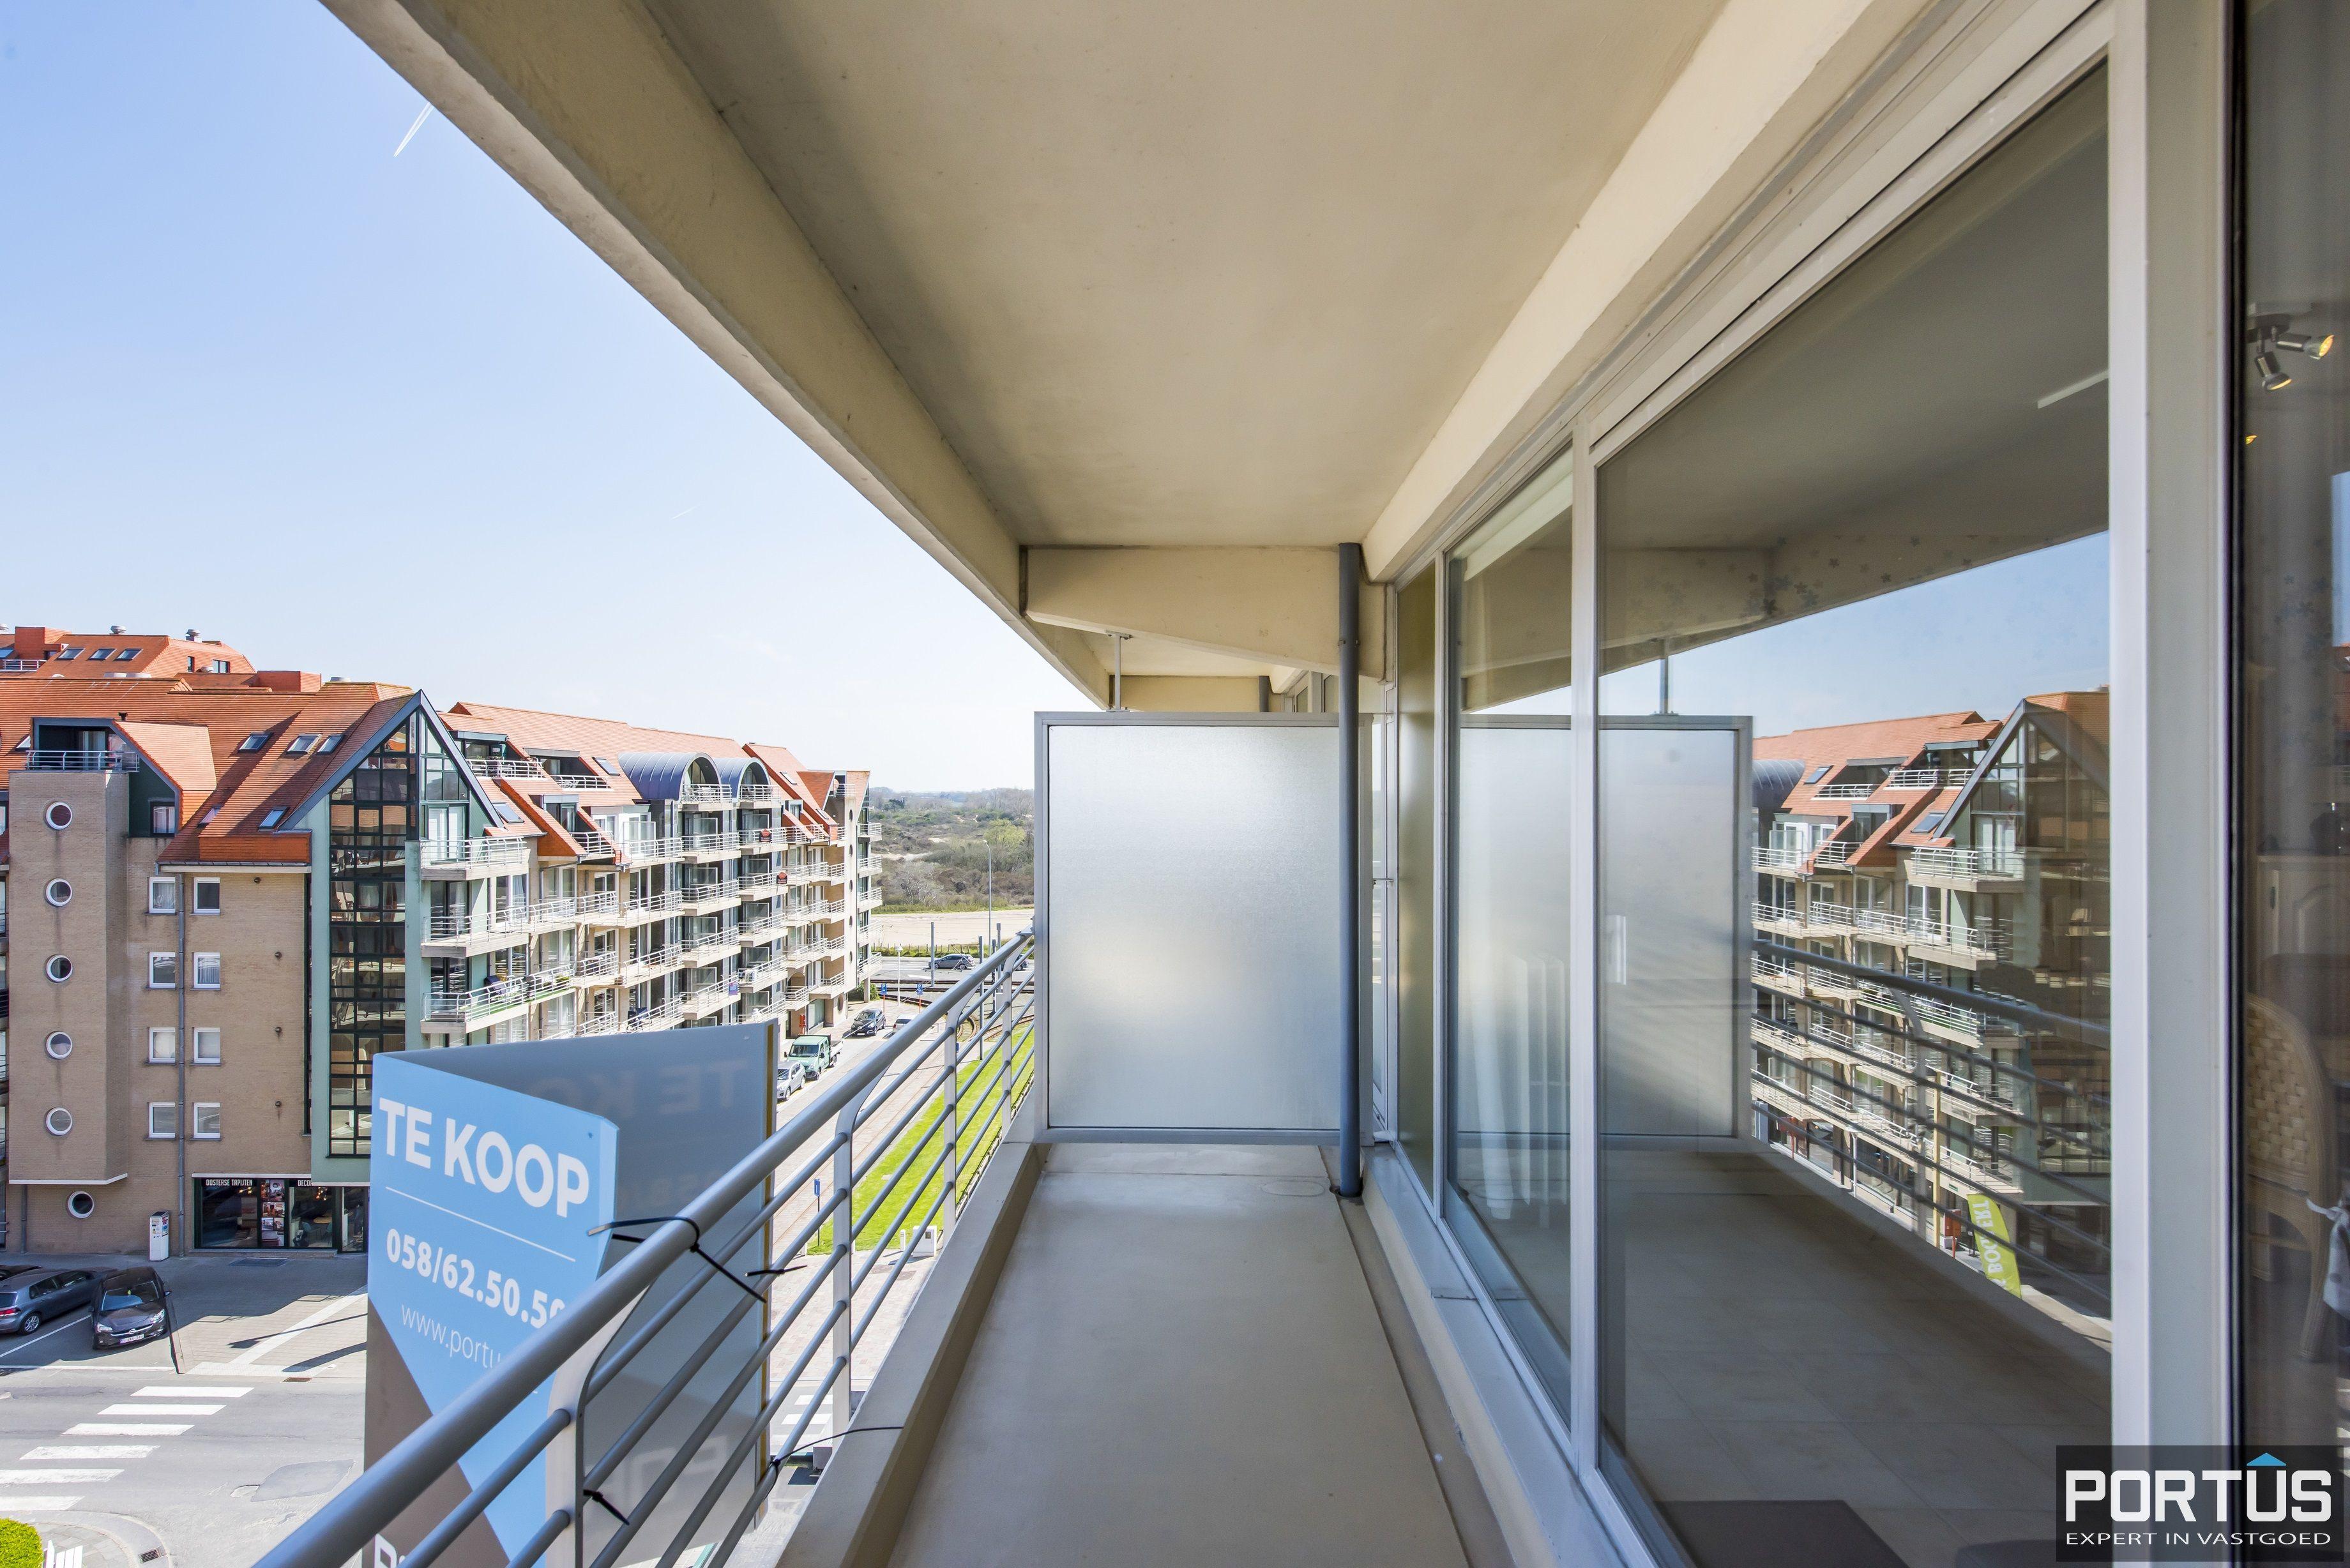 Instapklaar 1 slaapkamer appartement met ruim terras met zijdelings zeezicht te koop - 9550